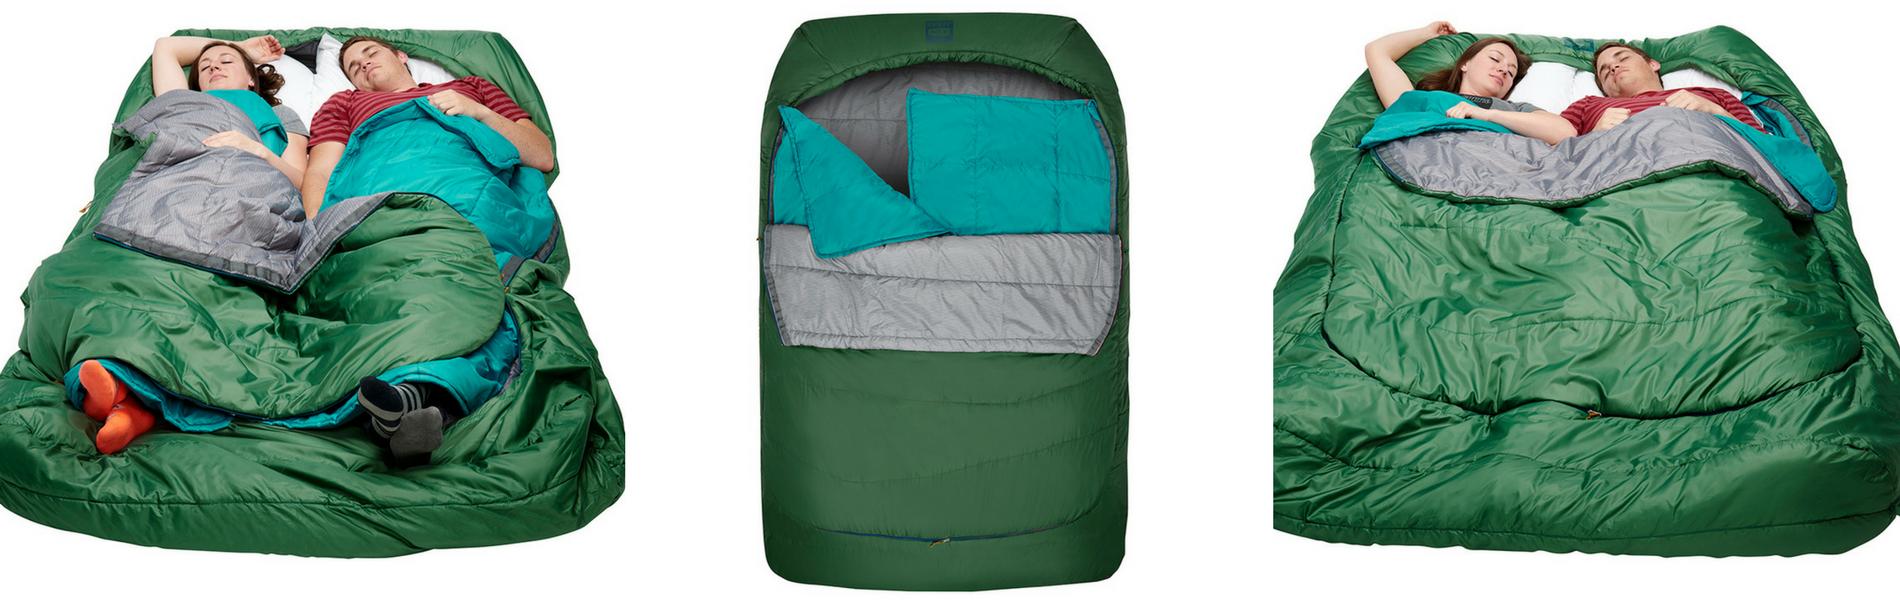 Kelty Tru Comfort Doublewide 20 Sleeping Bag Review